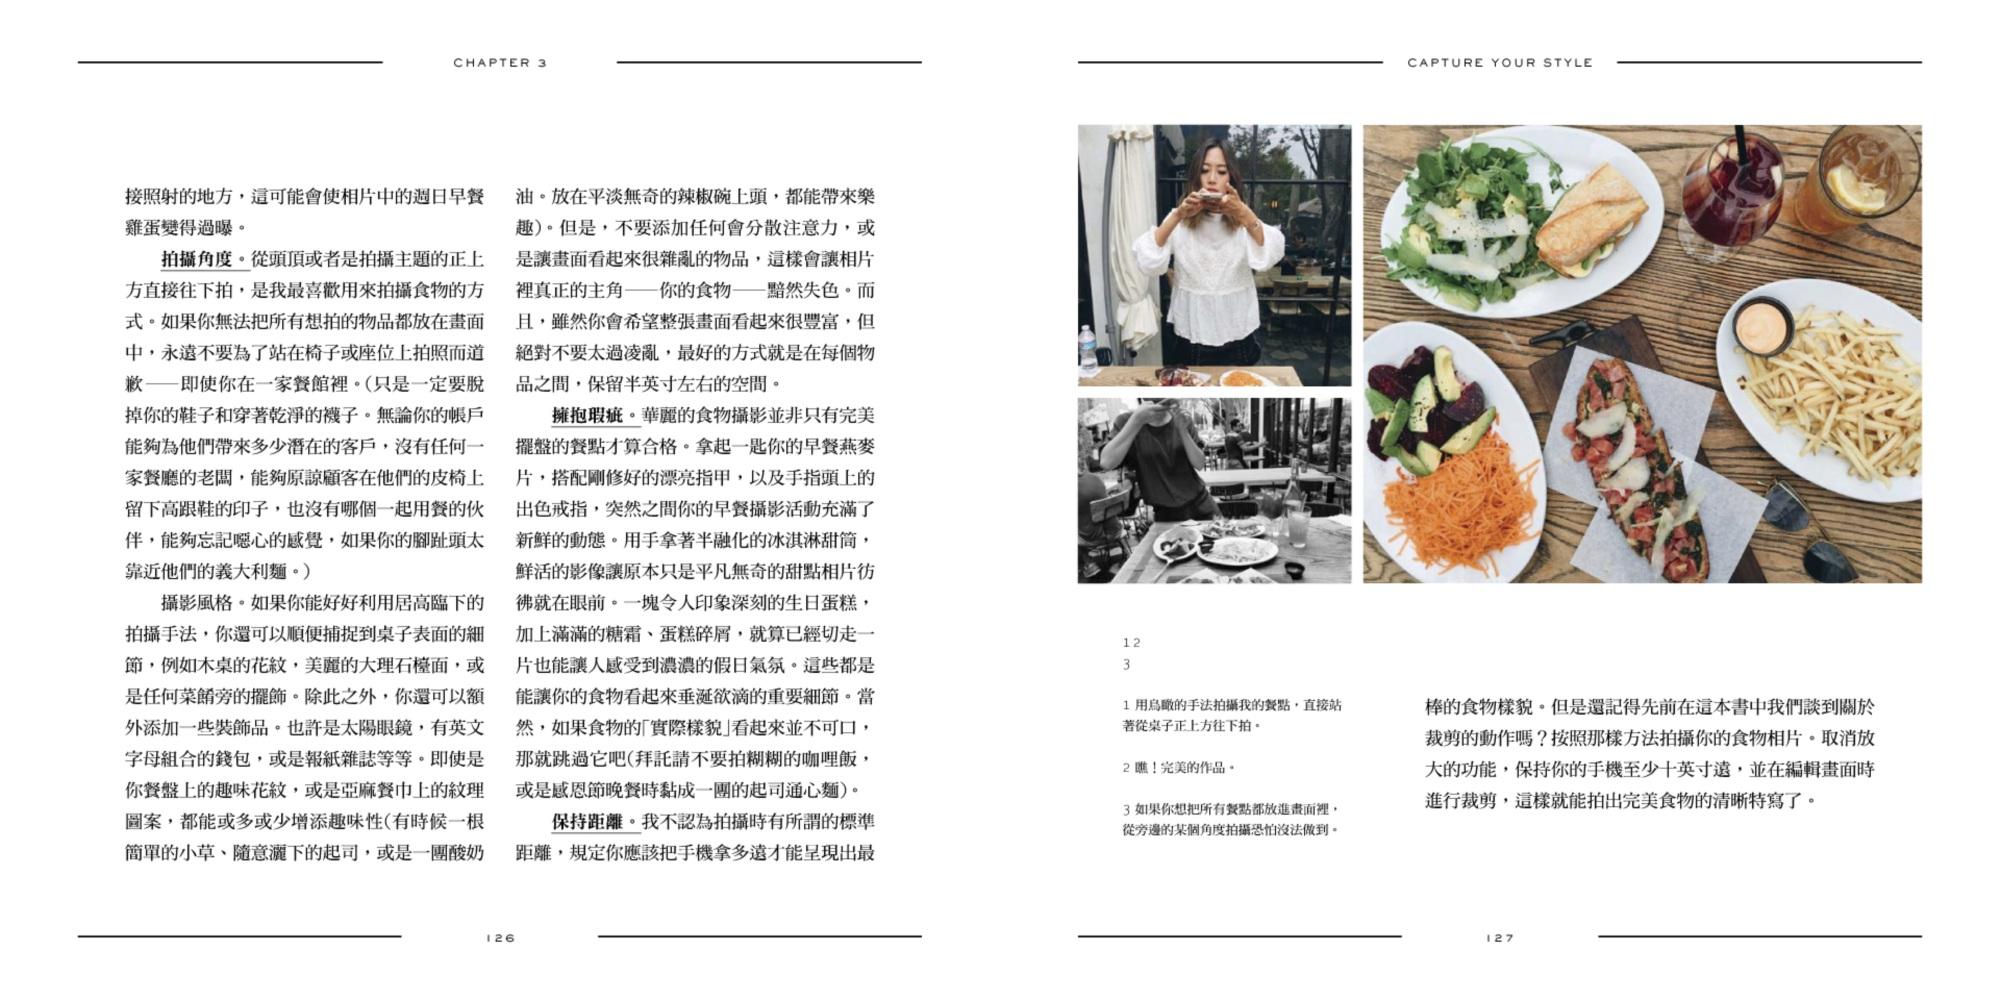 ◤博客來BOOKS◢ 暢銷書榜《推薦》IG百萬粉絲養成術:富比士名媛Aimee Song教你迅速竄紅的社群經營秘訣Capture Your Style